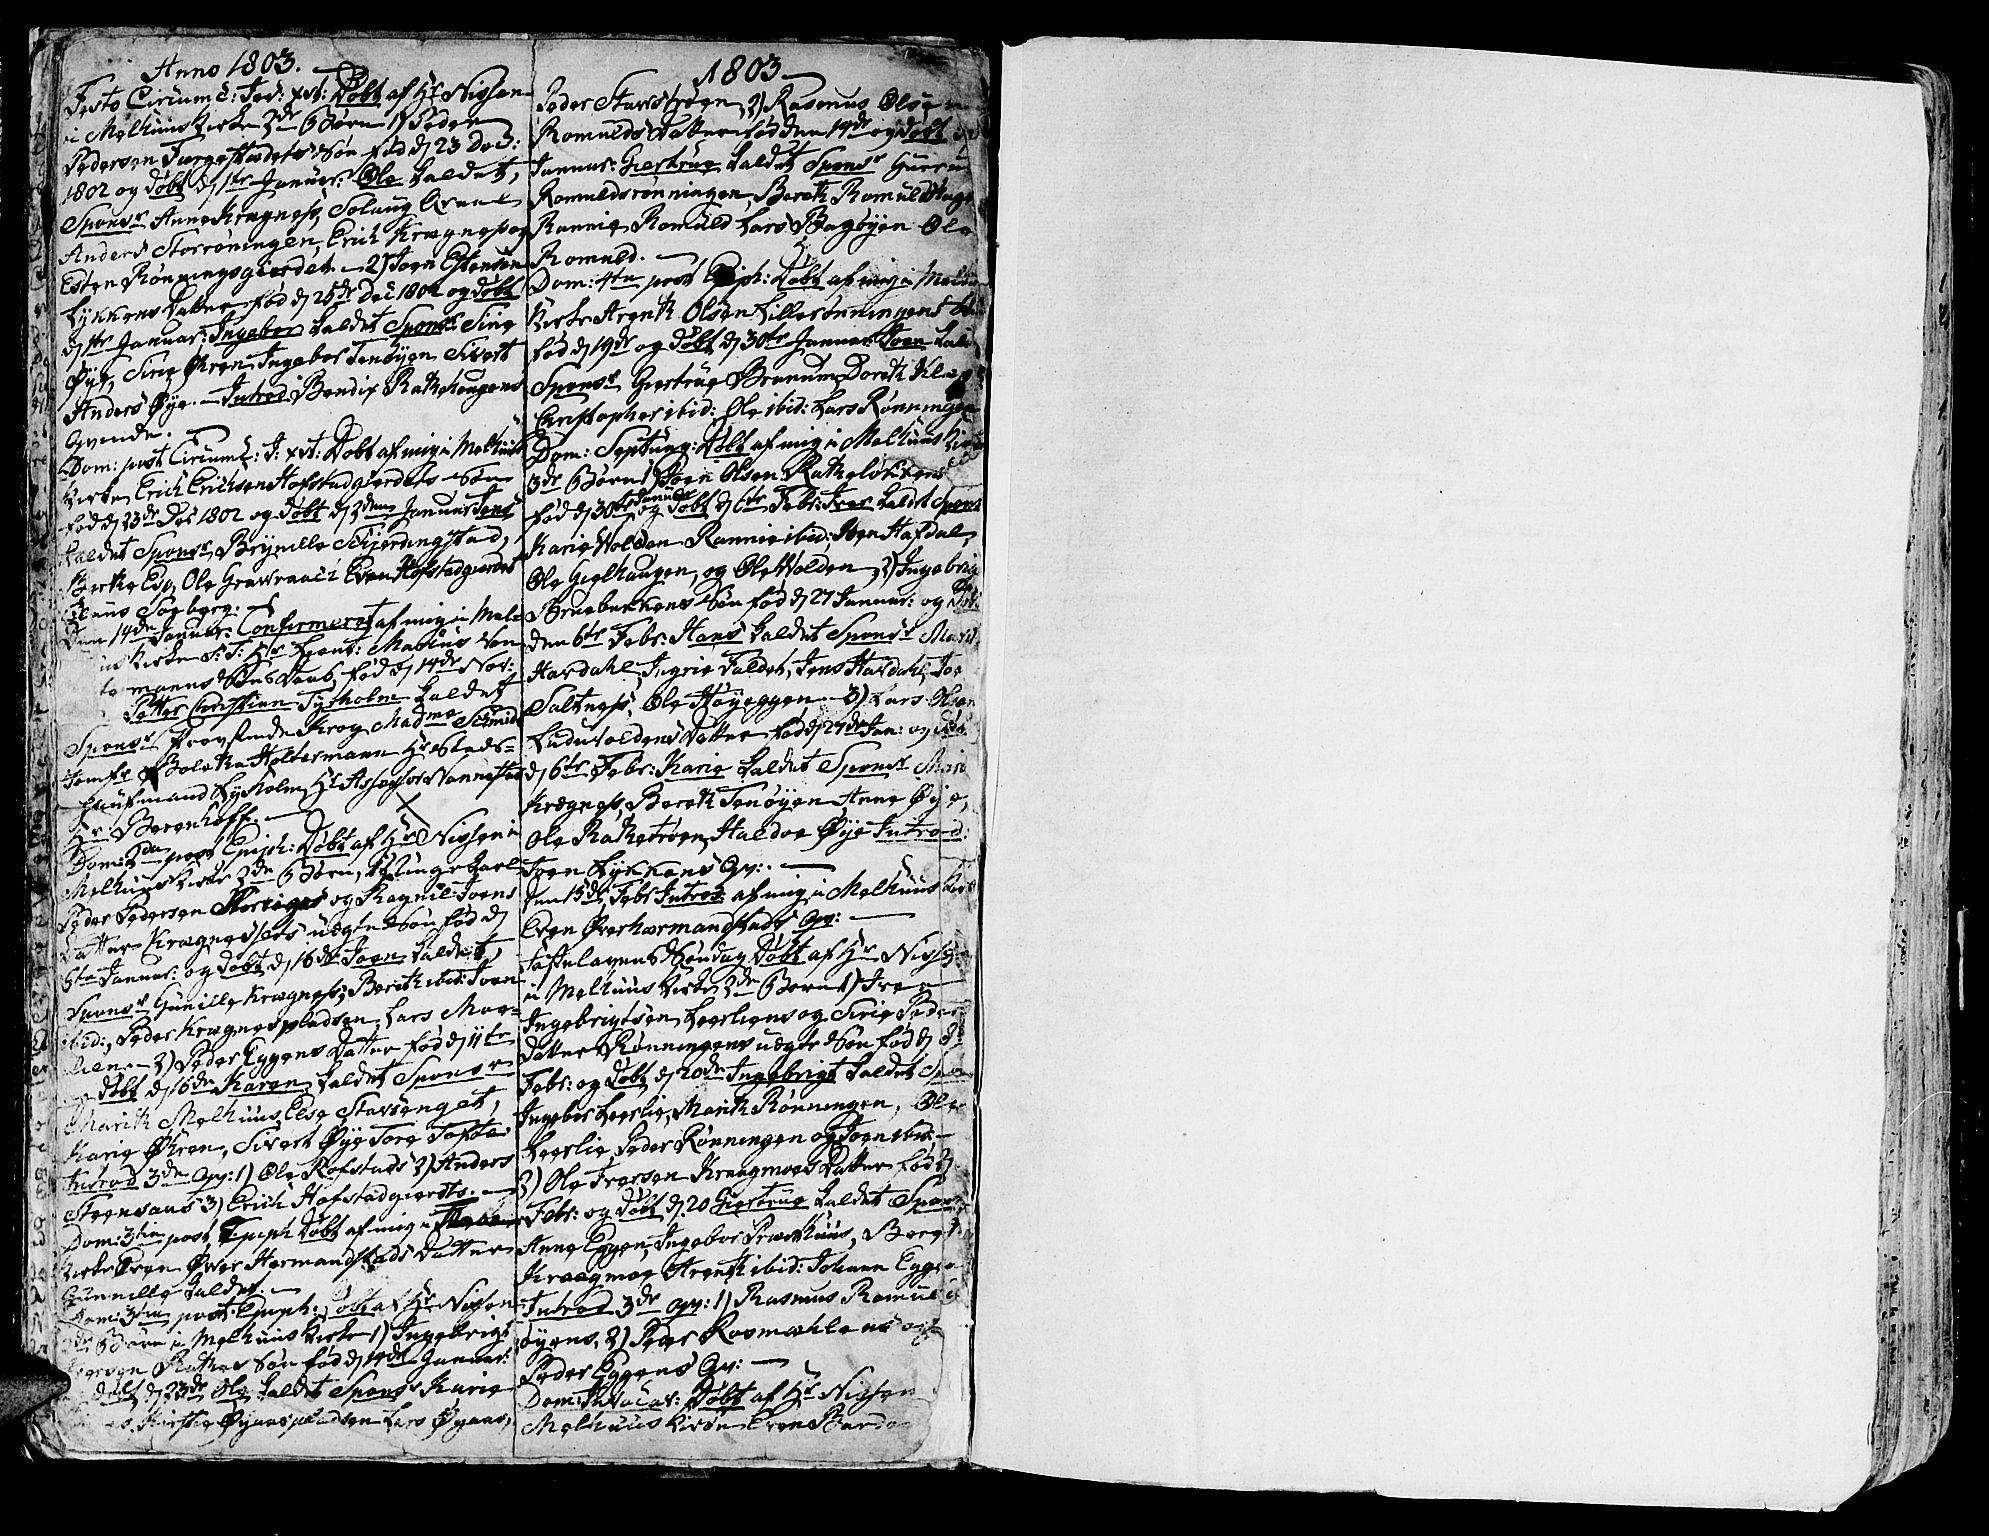 SAT, Ministerialprotokoller, klokkerbøker og fødselsregistre - Sør-Trøndelag, 691/L1061: Ministerialbok nr. 691A02 /1, 1768-1815, s. 22